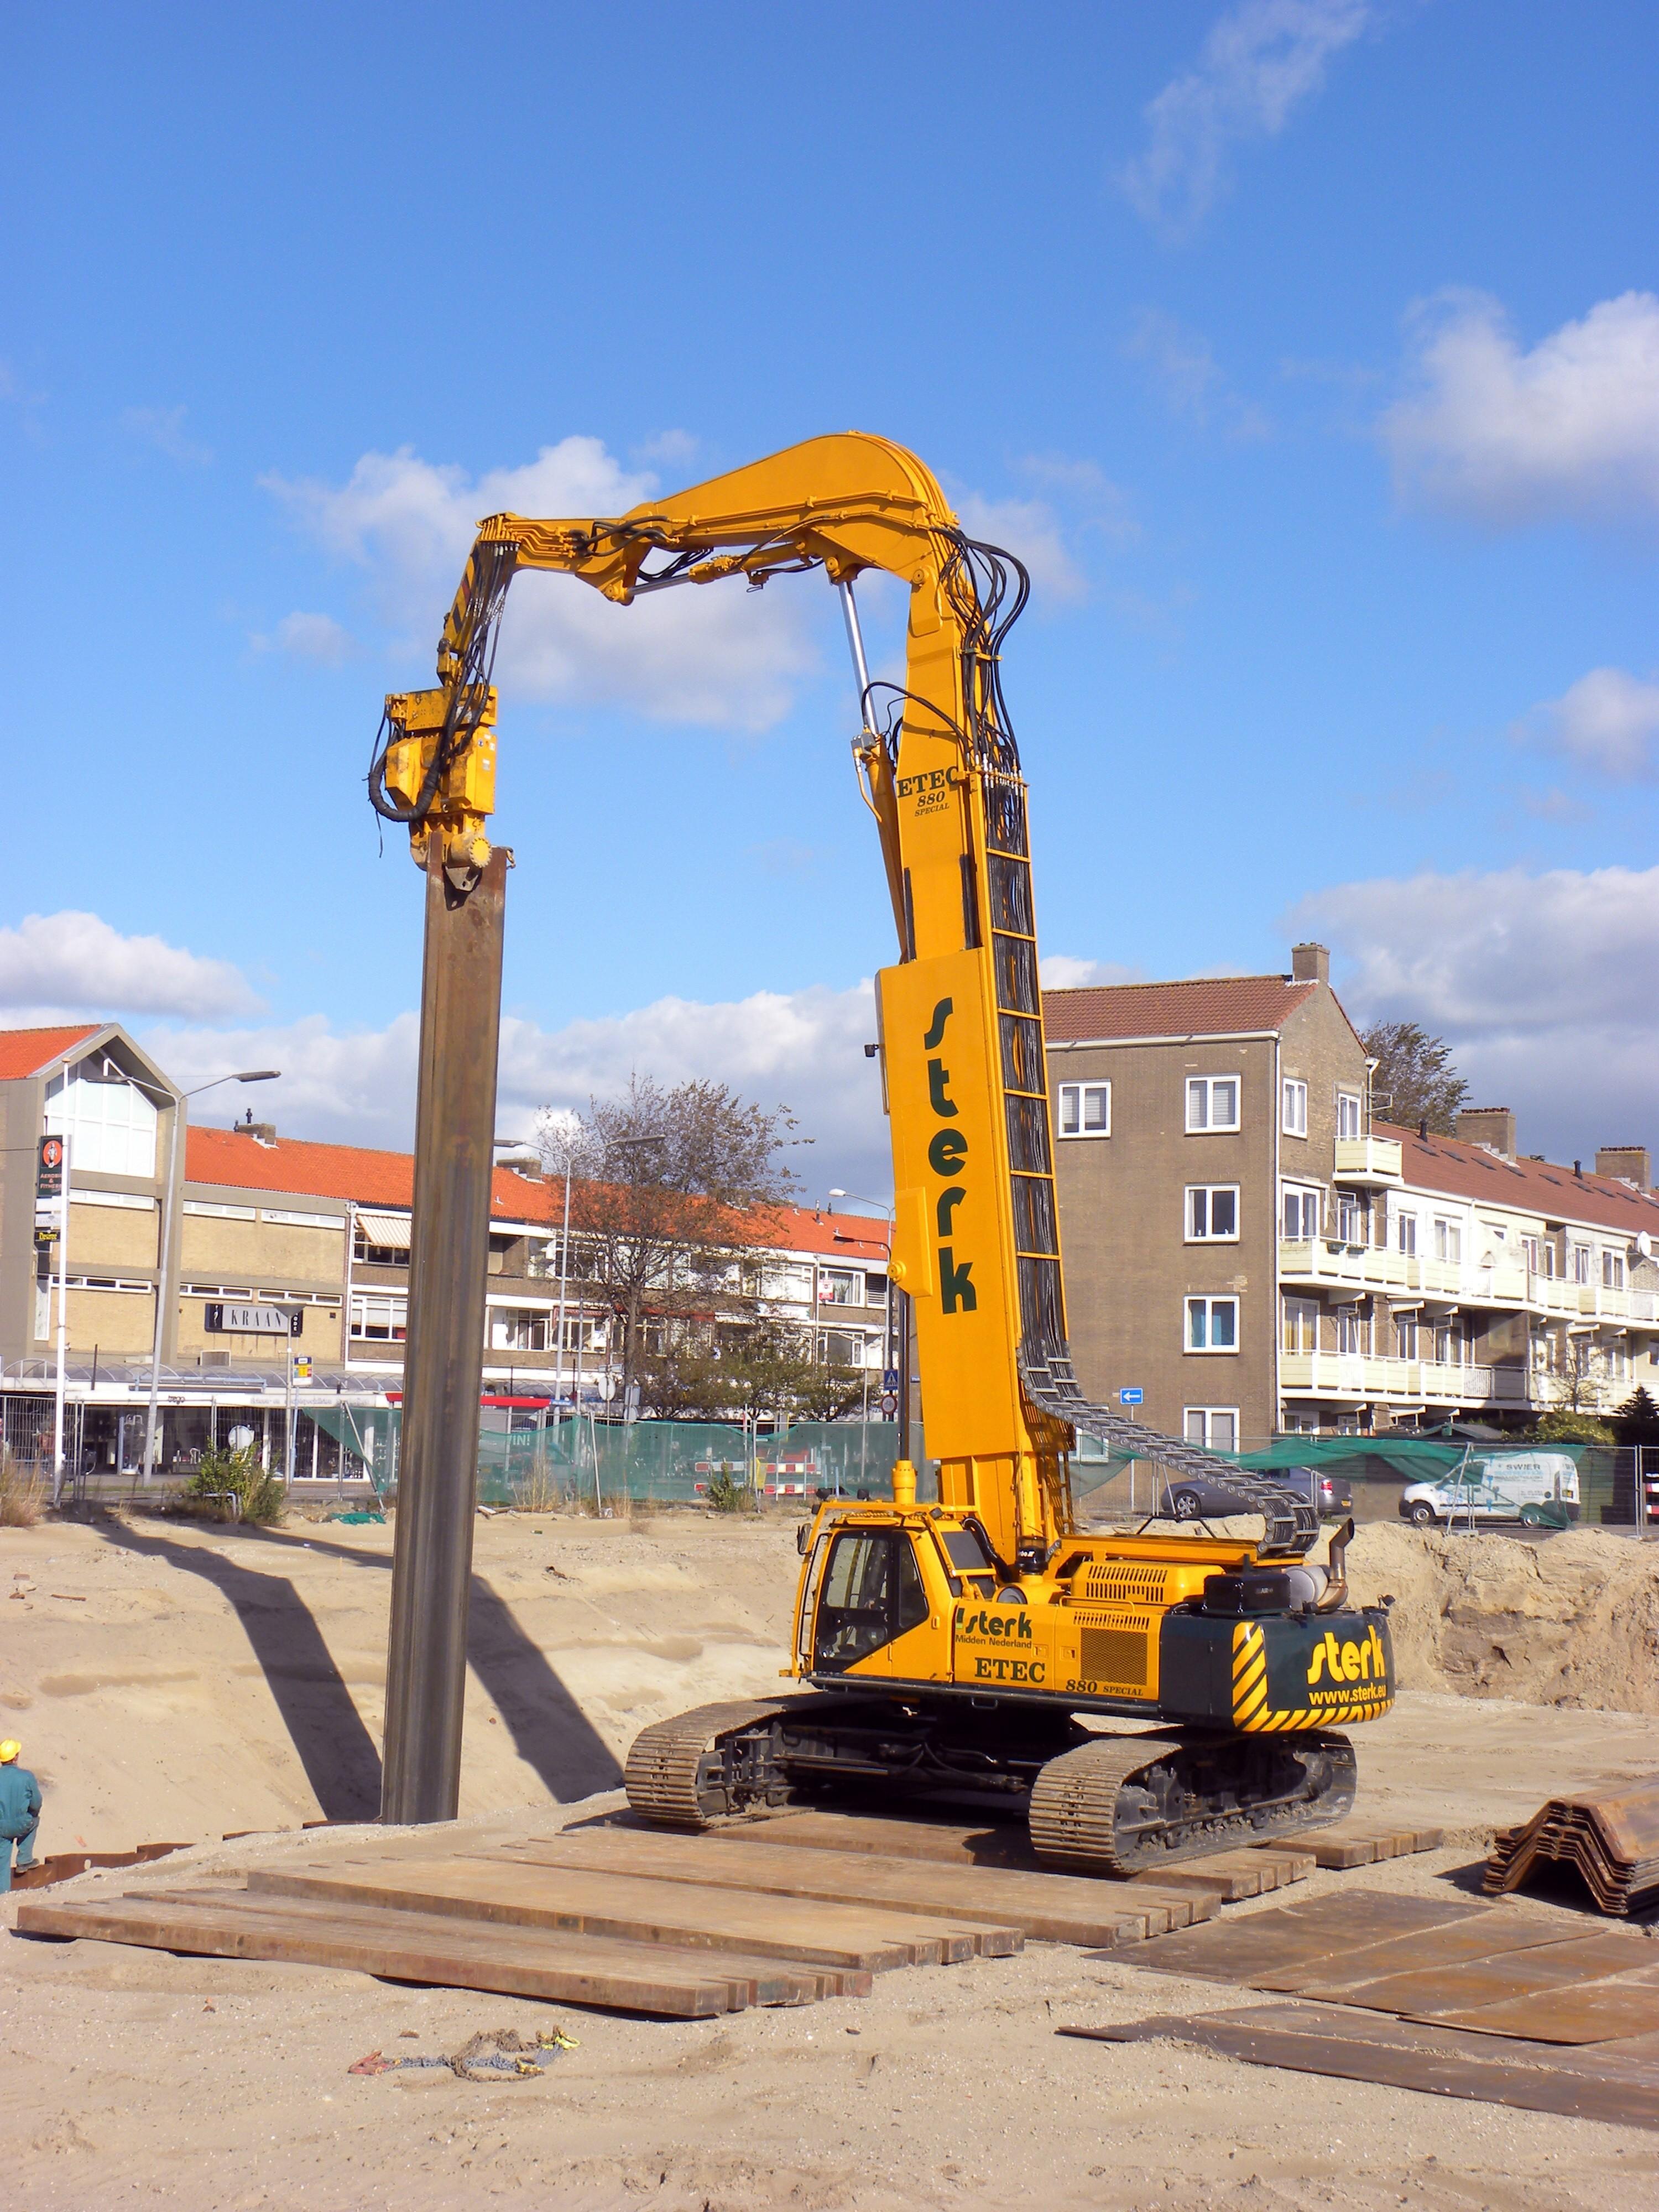 ETEC escavatori olandesi Etec_880_special_removing_Sheet_pile_walls